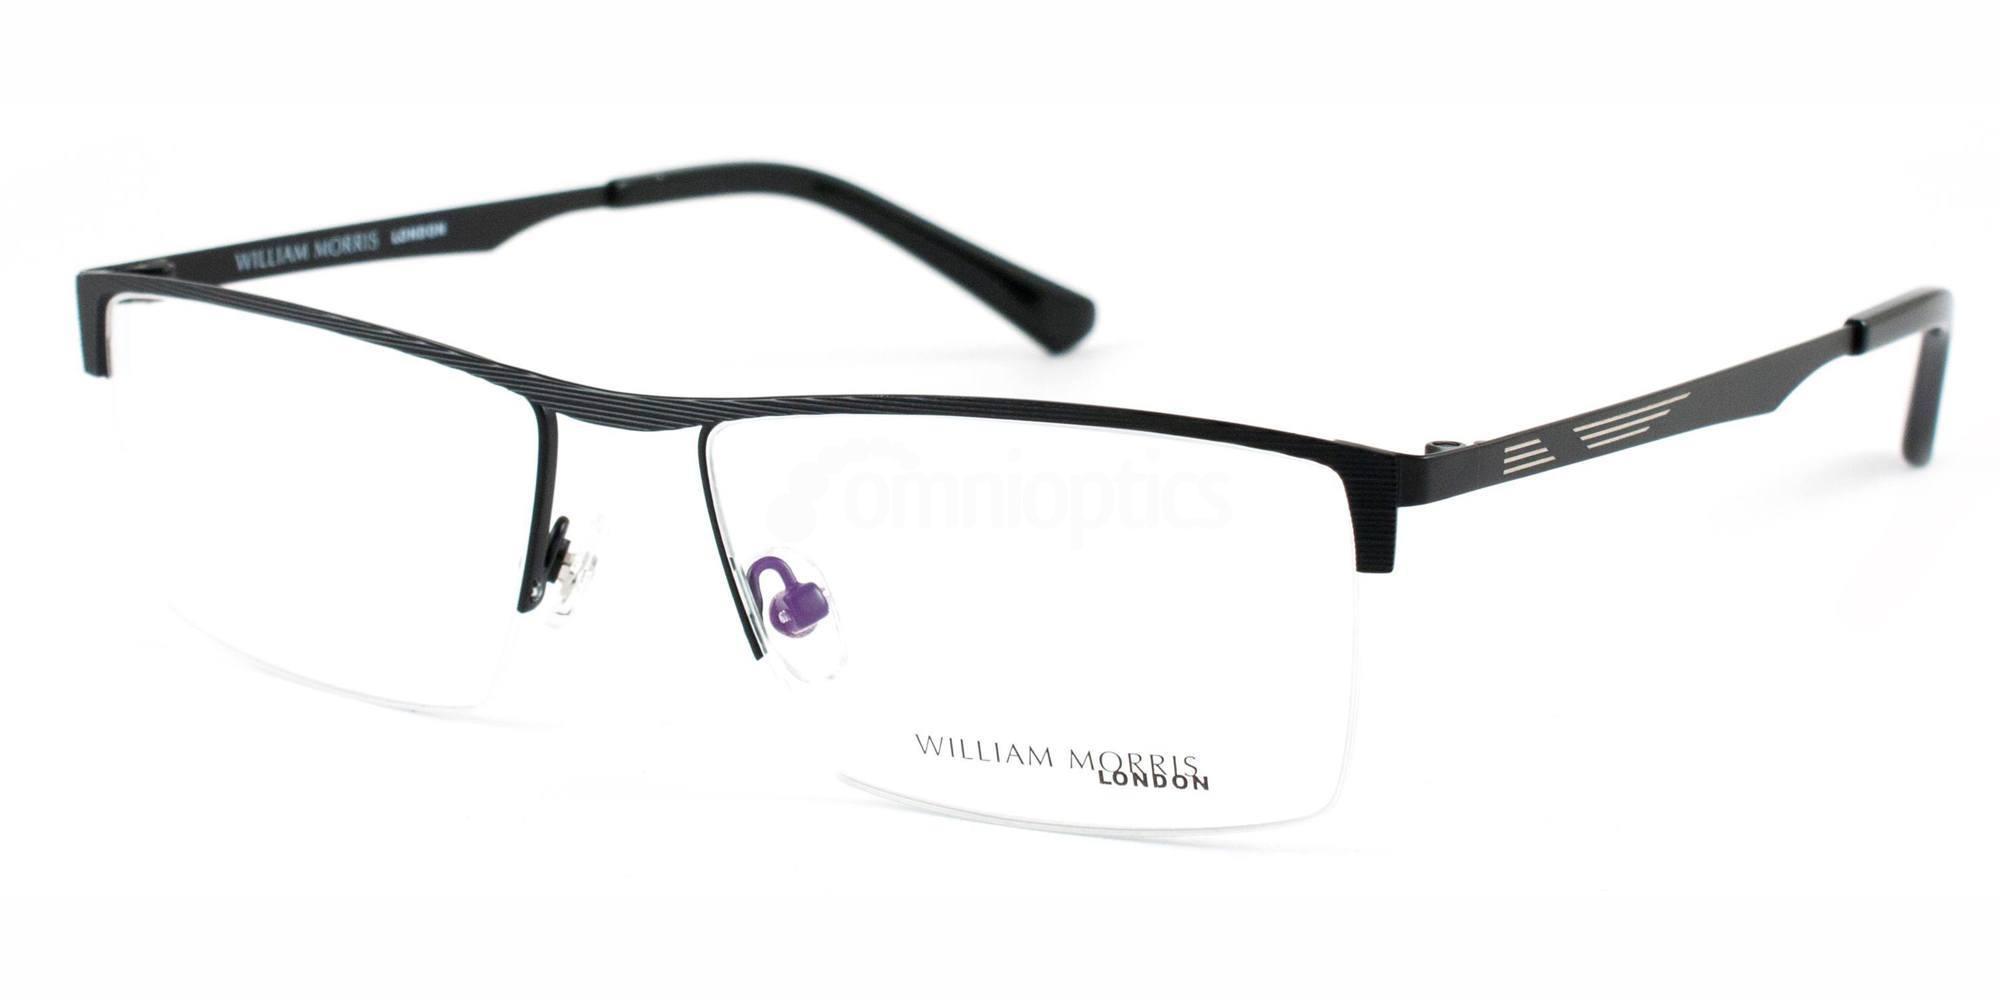 C1 WL4801 , William Morris London